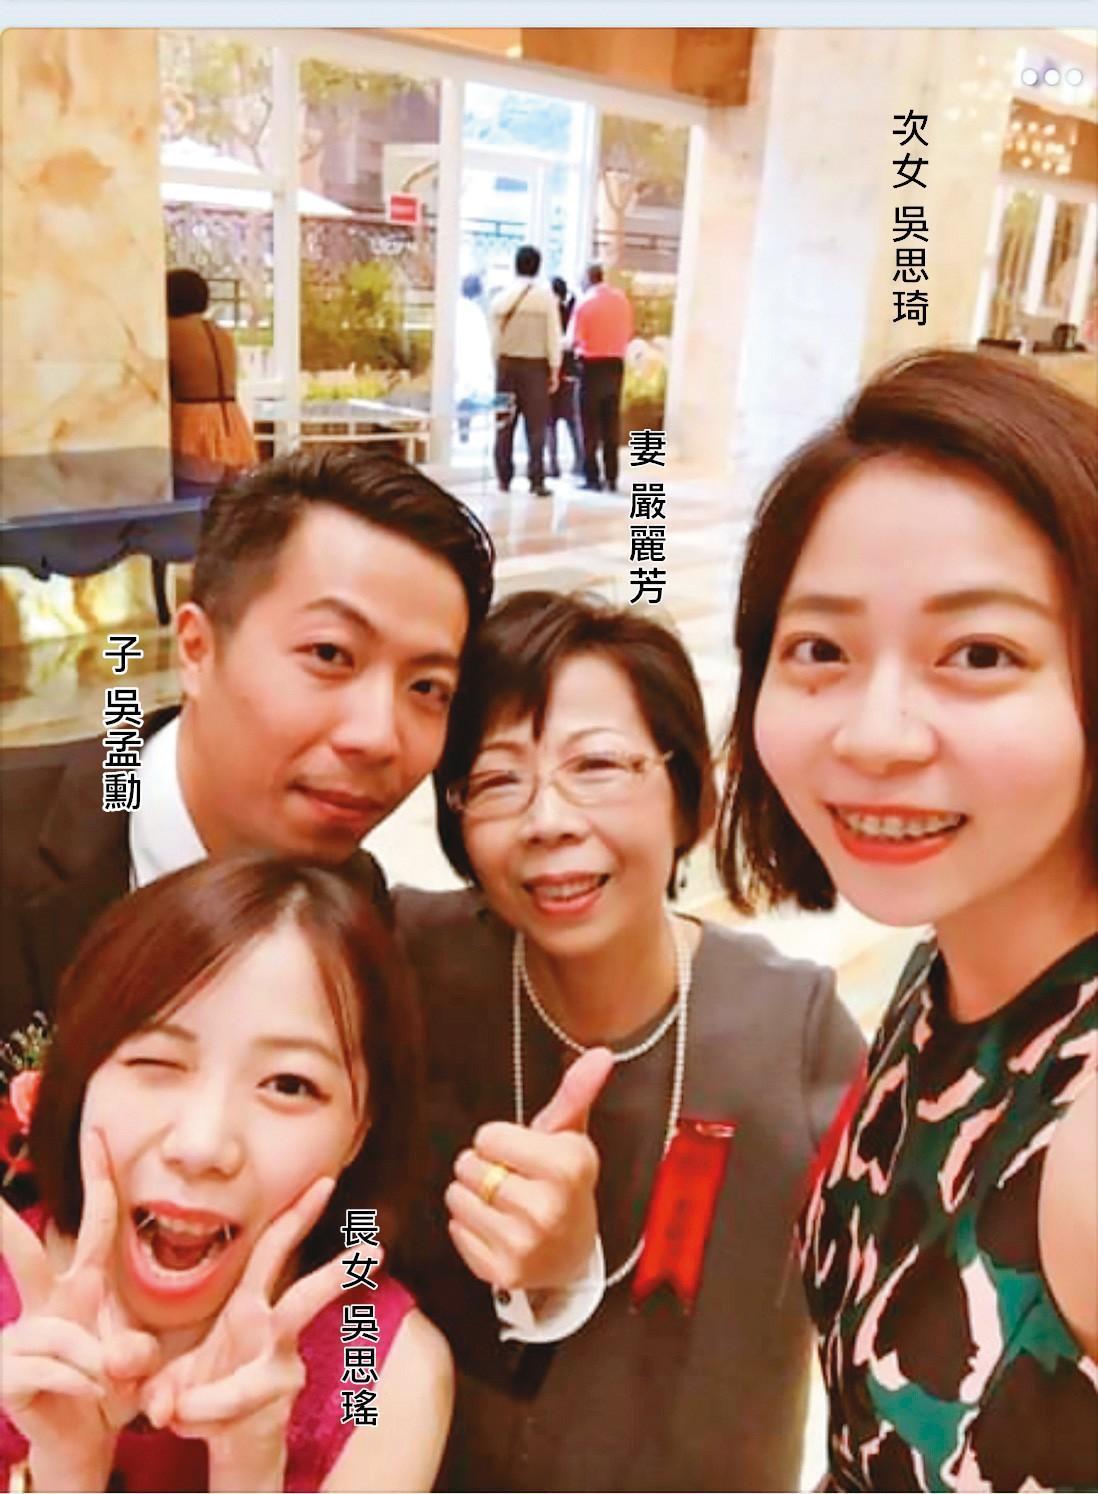 吳健榮與妻子嚴麗芳、兒子、媳婦和二個女兒,一家六口全都寄生市府任職。(翻攝臉書)